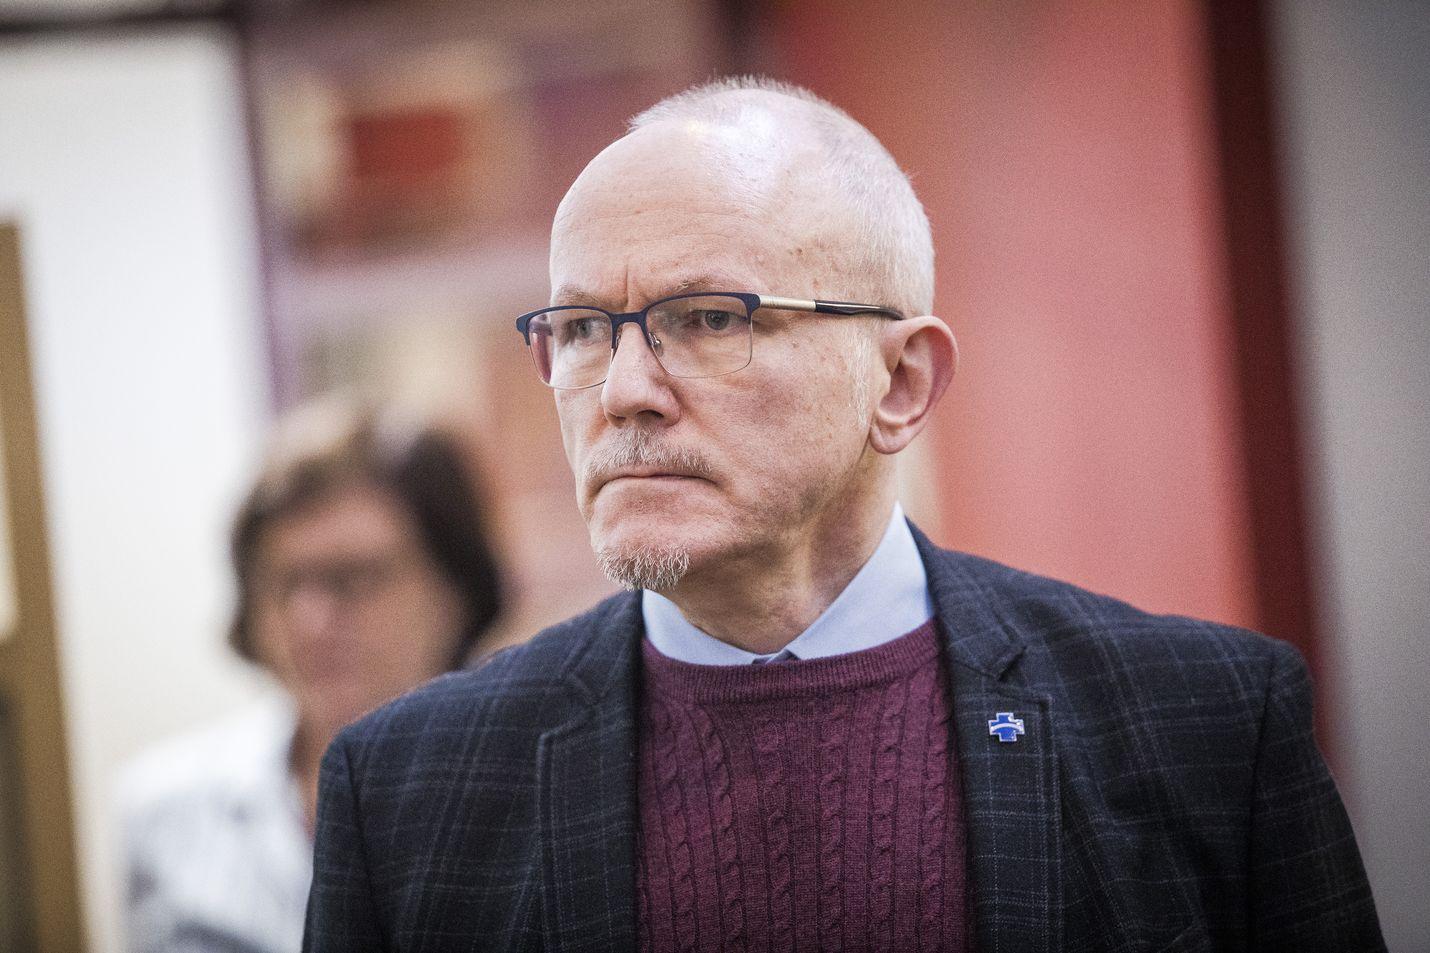 Lapin sairaanhoitopiirin johtaja Jari Jokela odottaa THL:n ja STM:n koronarokotuslinjauksia. Jokela edustaa Suomen sairaanhoitopiirejä.